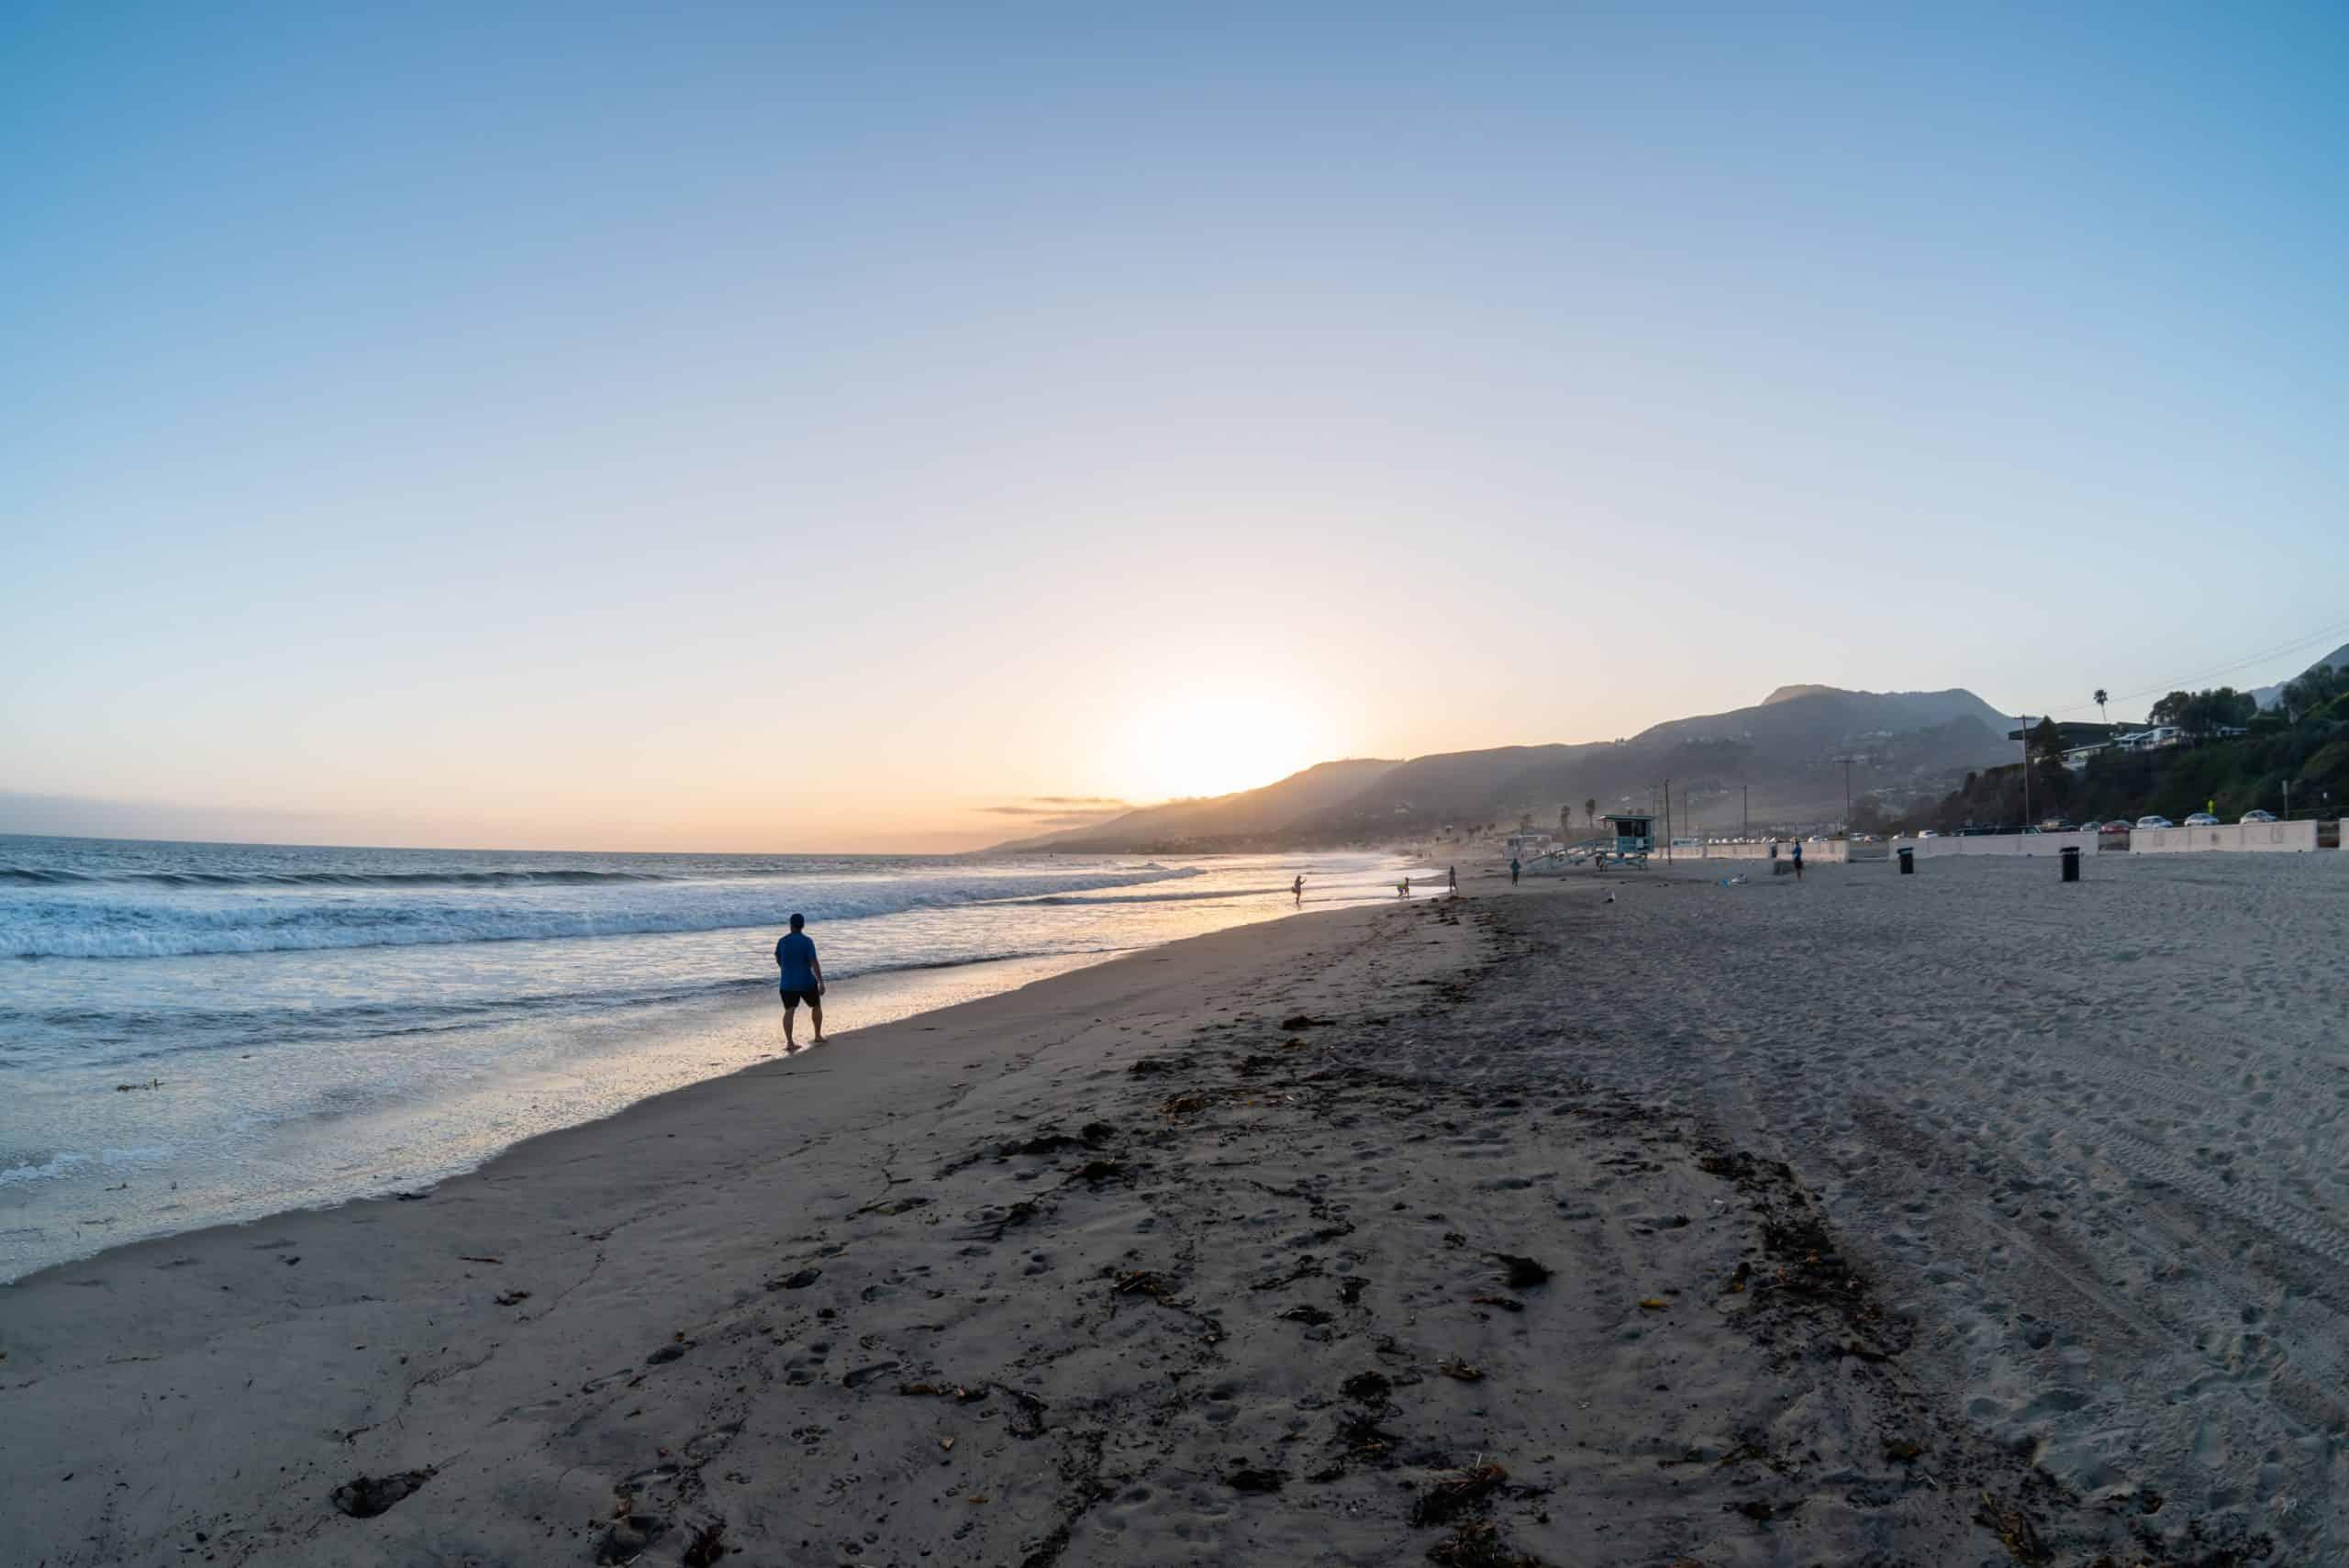 Sunset at Zuma Beach.